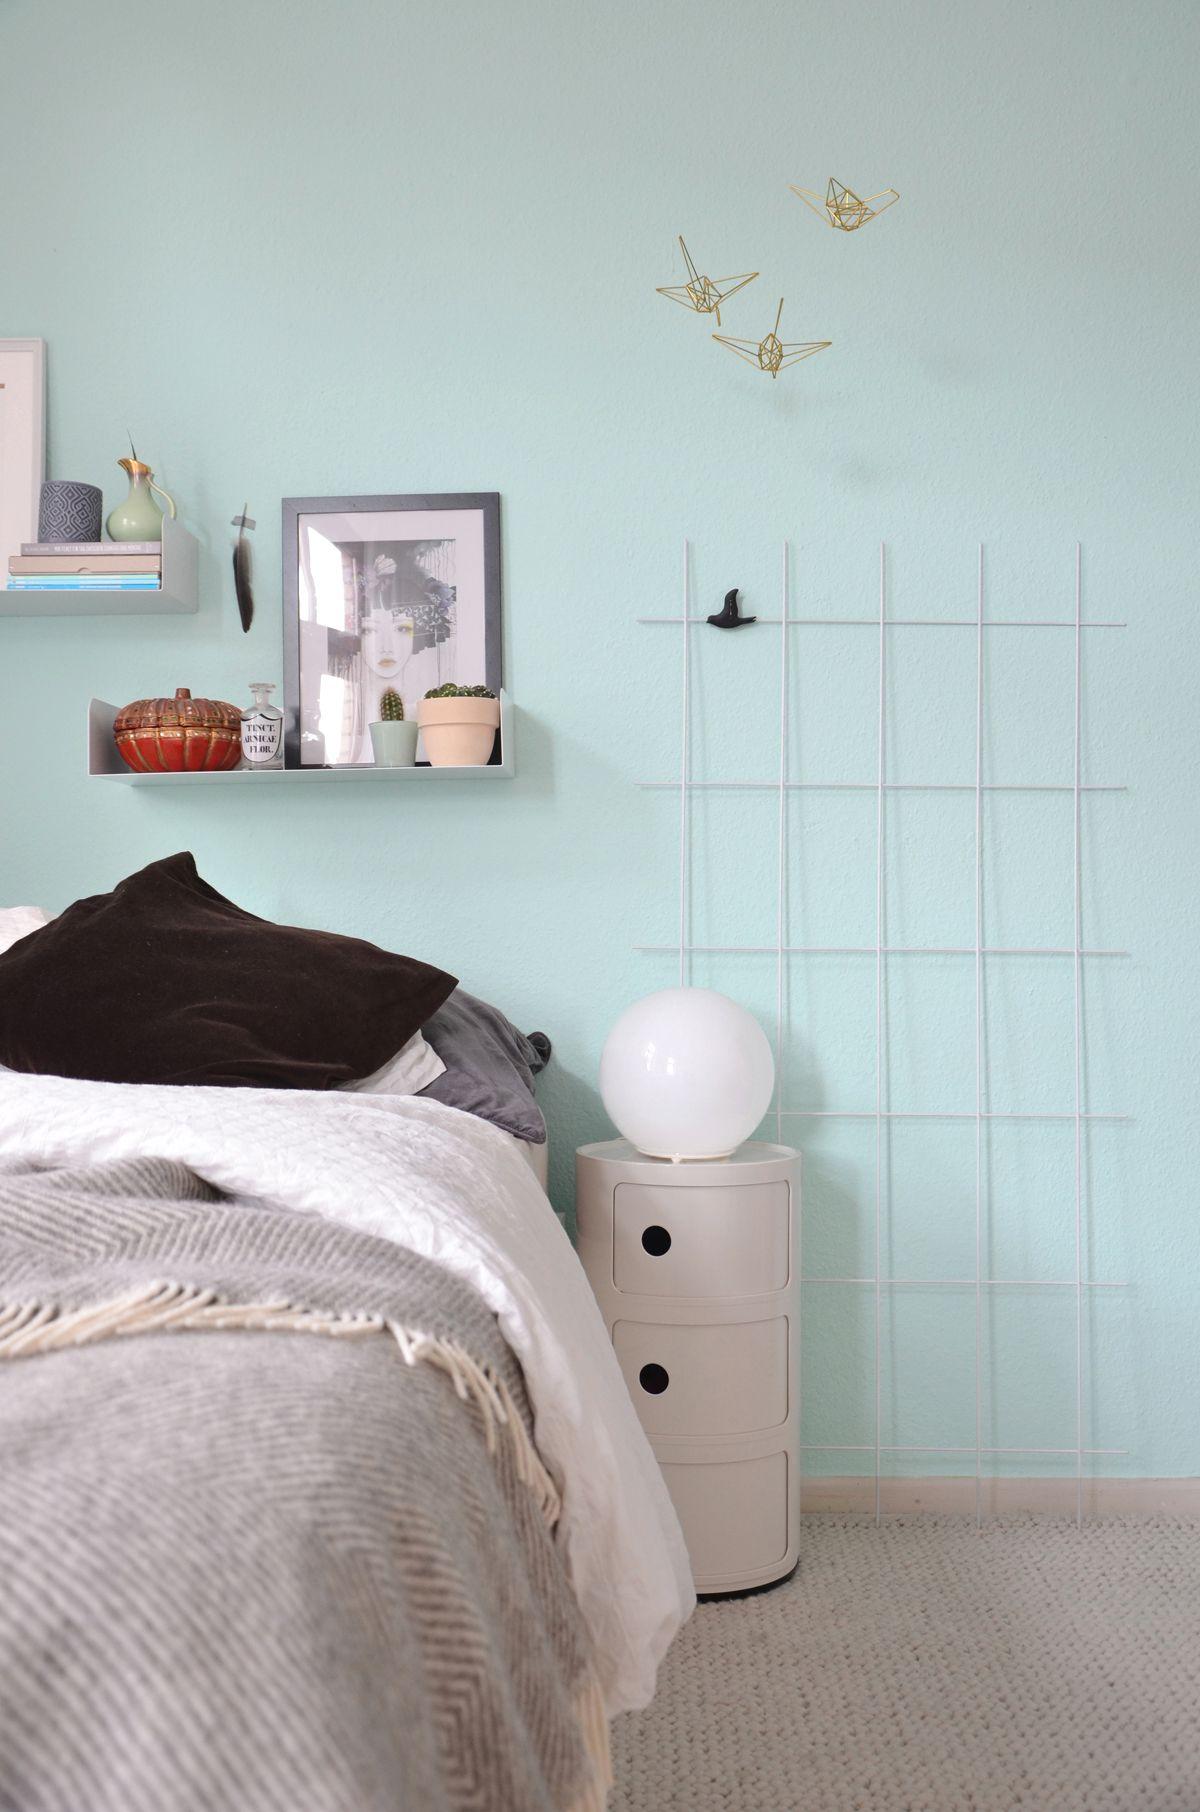 Umstyling Neue Farbe Im Schlafzimmer Wohnen Haus Deko Haus